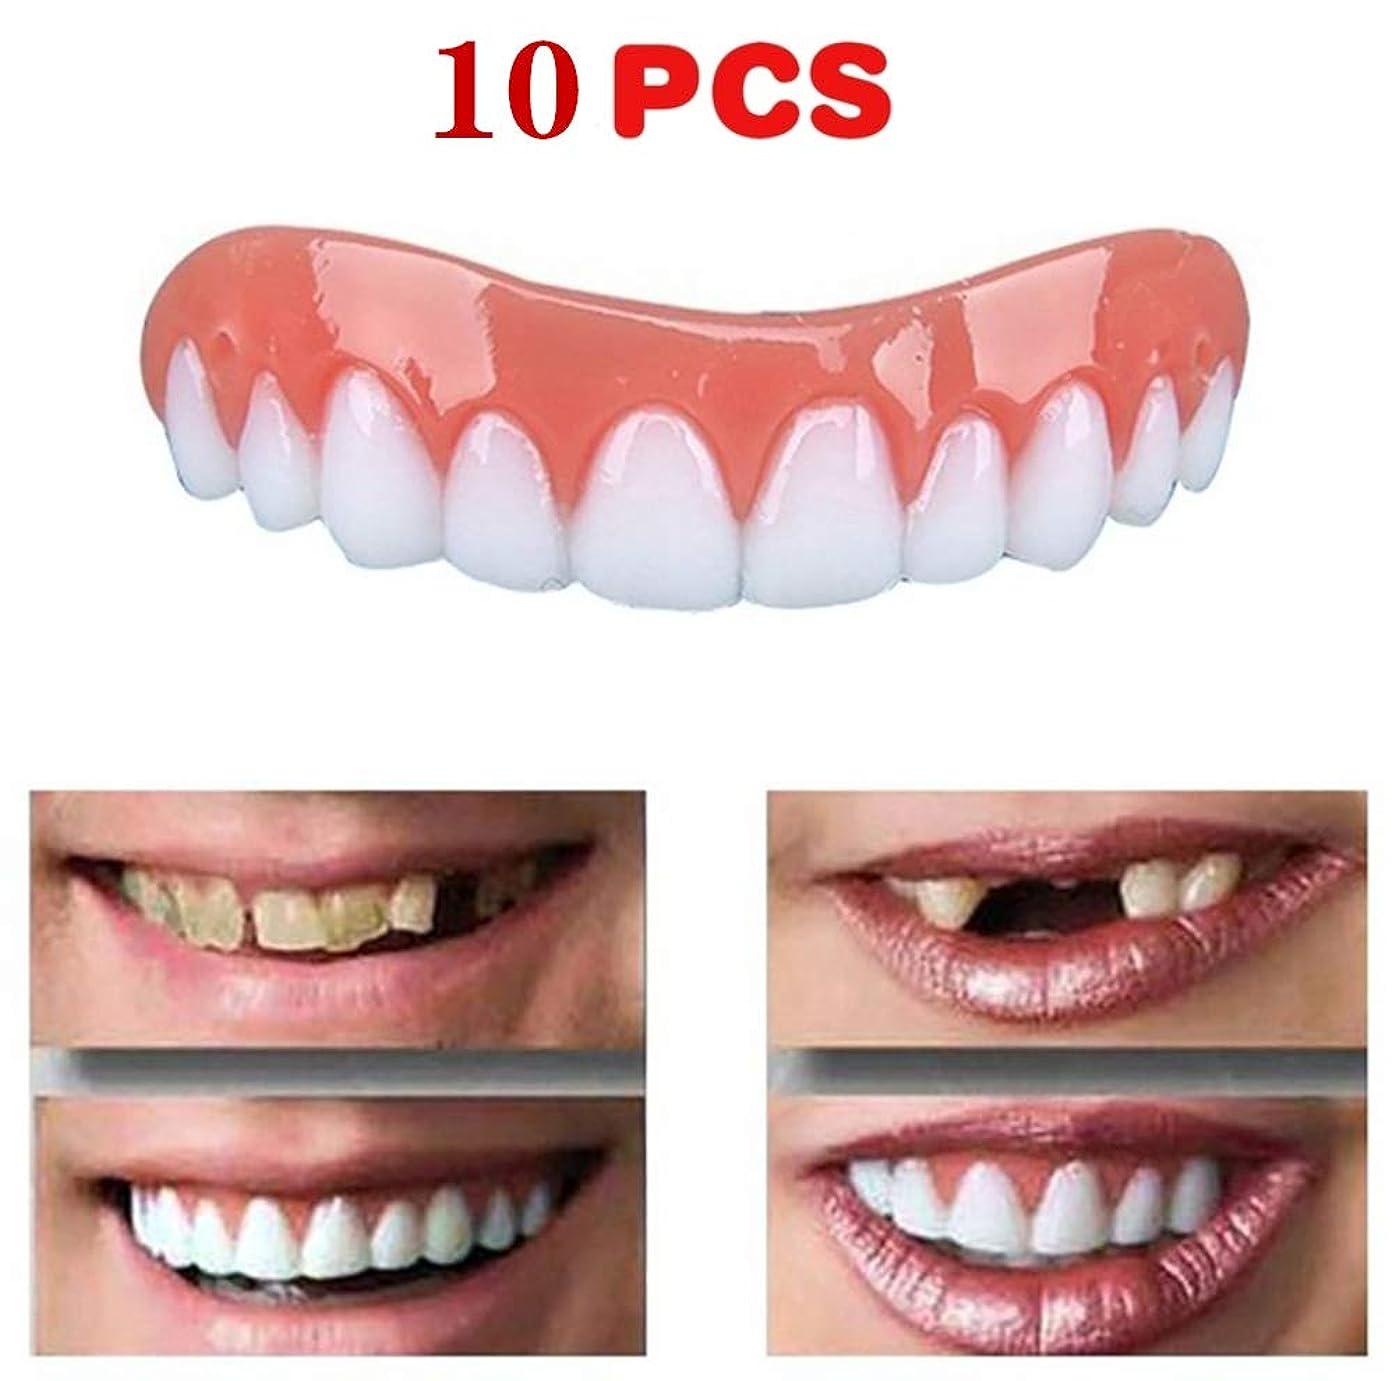 百万漏斗はちみつ10ピース新しい再利用可能な大人のスナップオンパーフェクトスマイルホワイトニング義歯フィットフレックス化粧品歯快適な突き板カバーデンタルケアアクセサリー